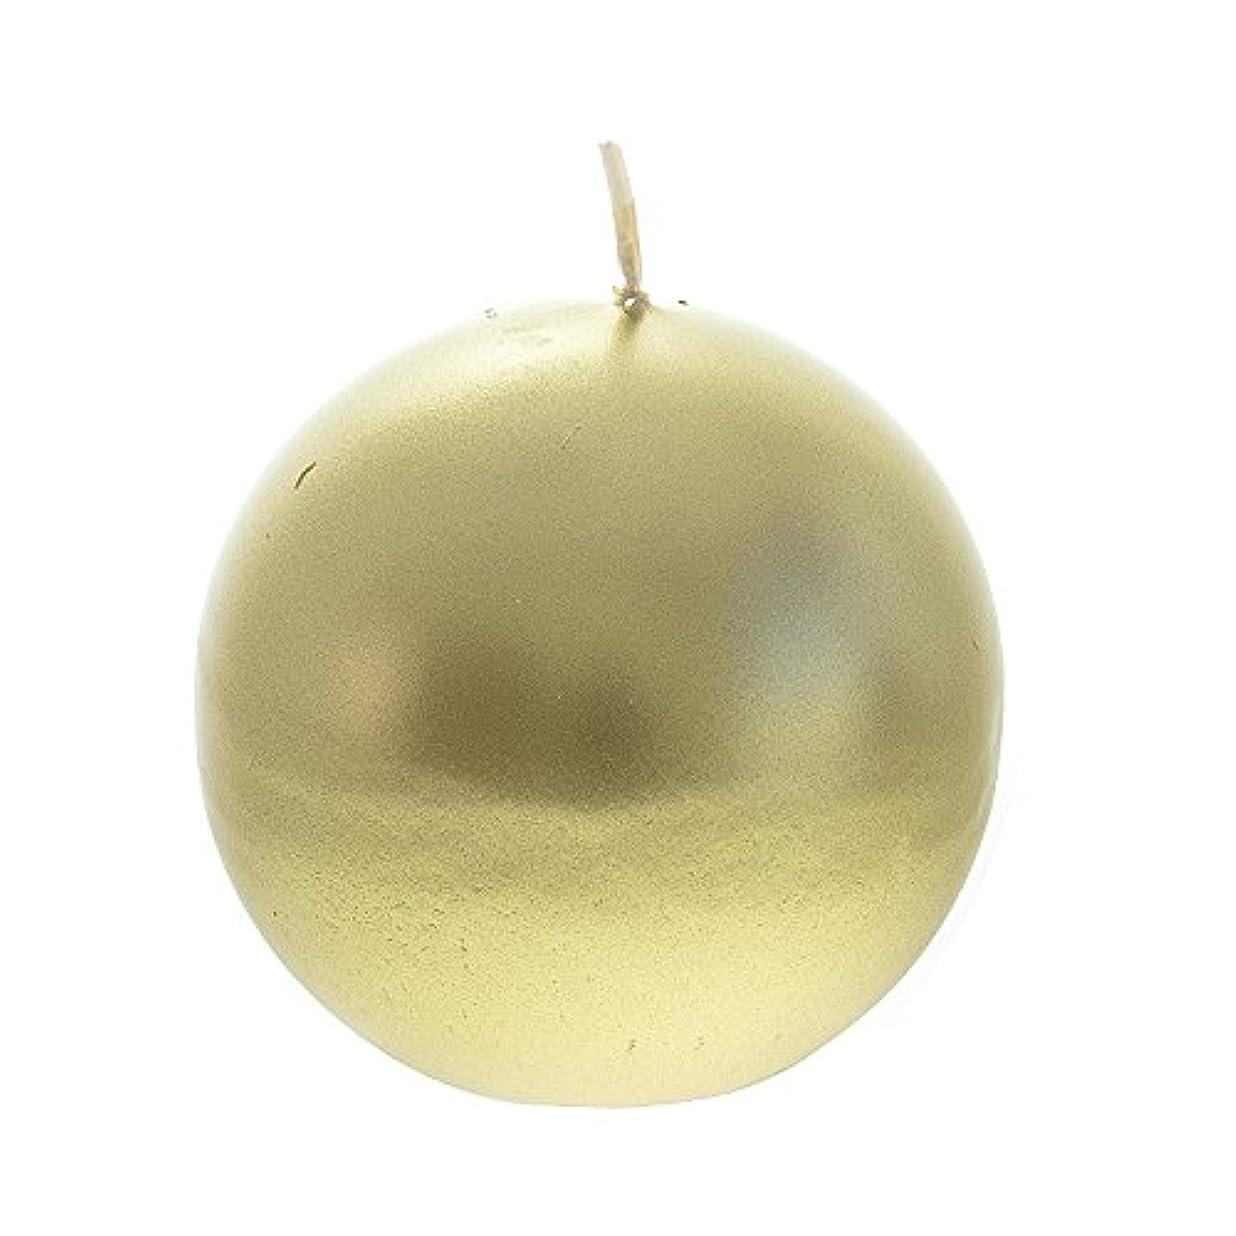 承認再生可能息切れMega Candles - Unscented 7.6cm Hand Poured Round Premium Ball Candle - Gold